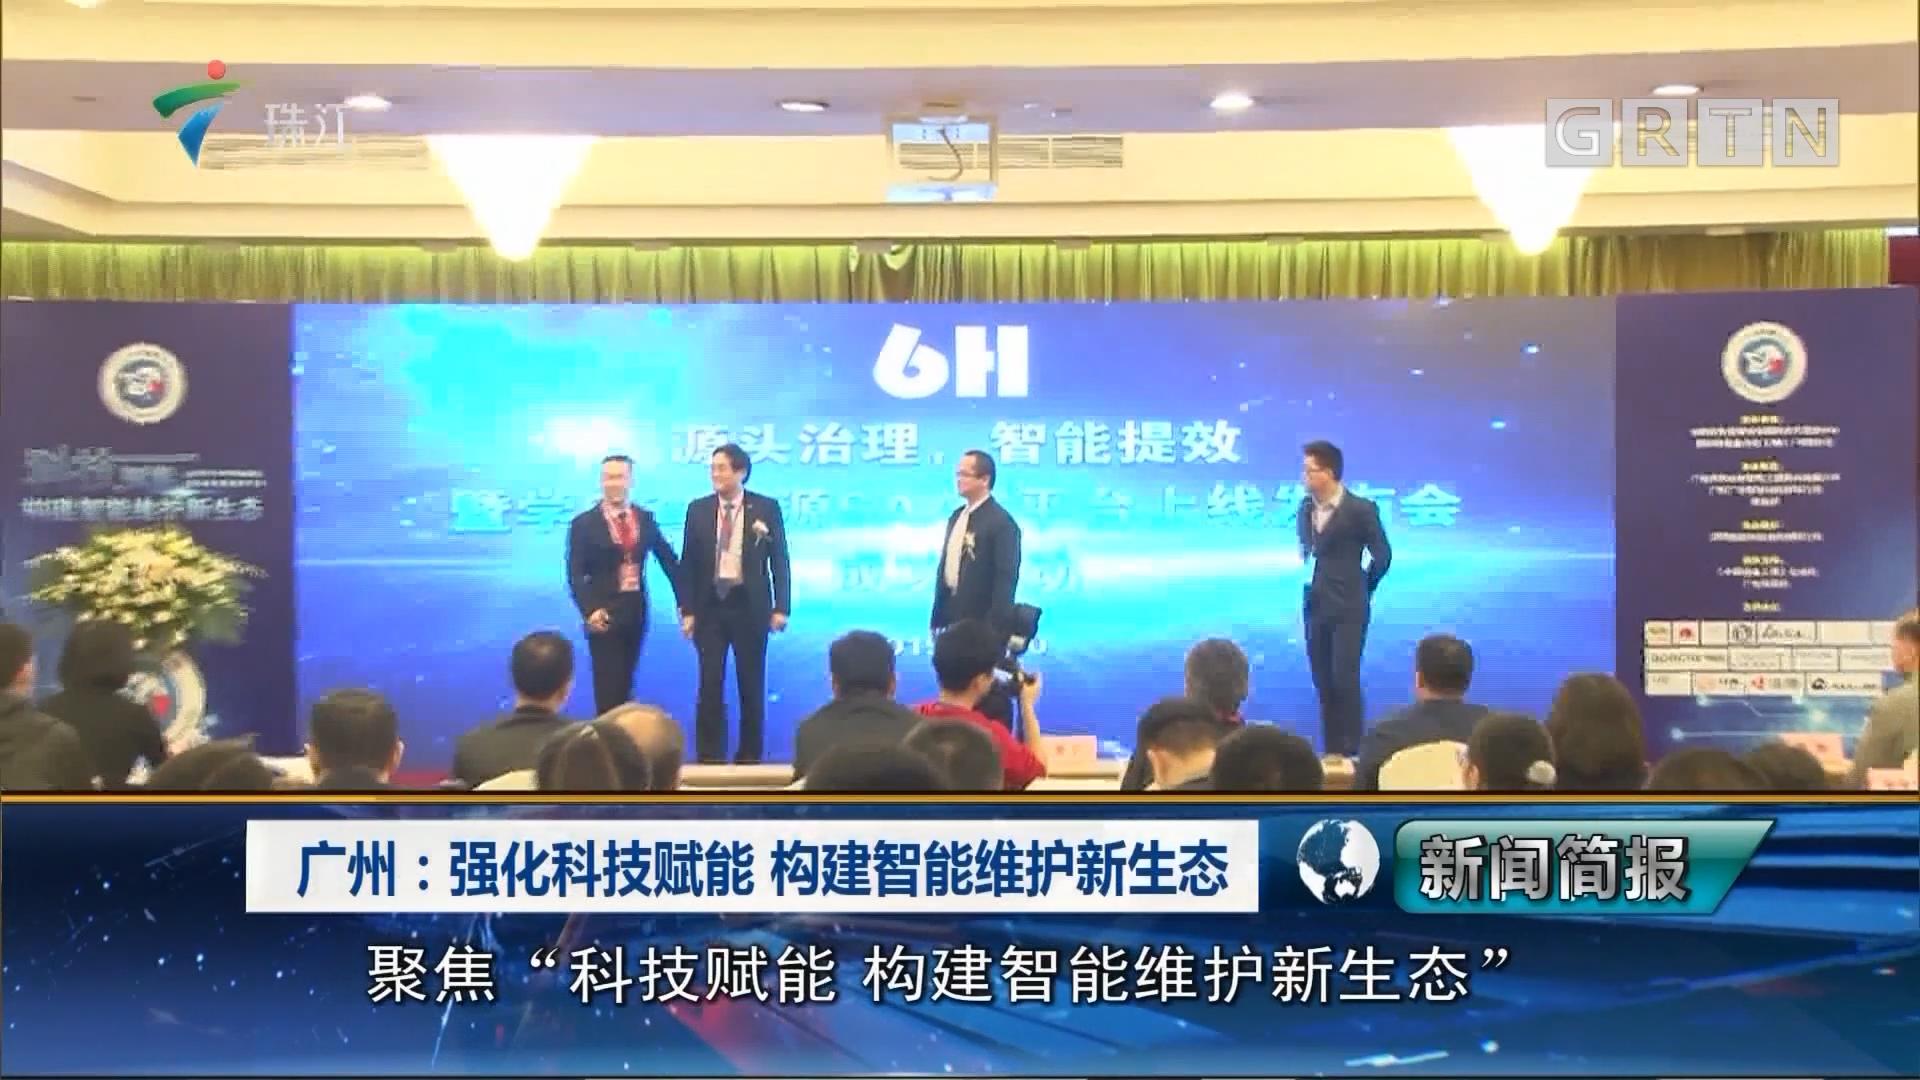 广州:强化科技赋能 构建智能维护新生态